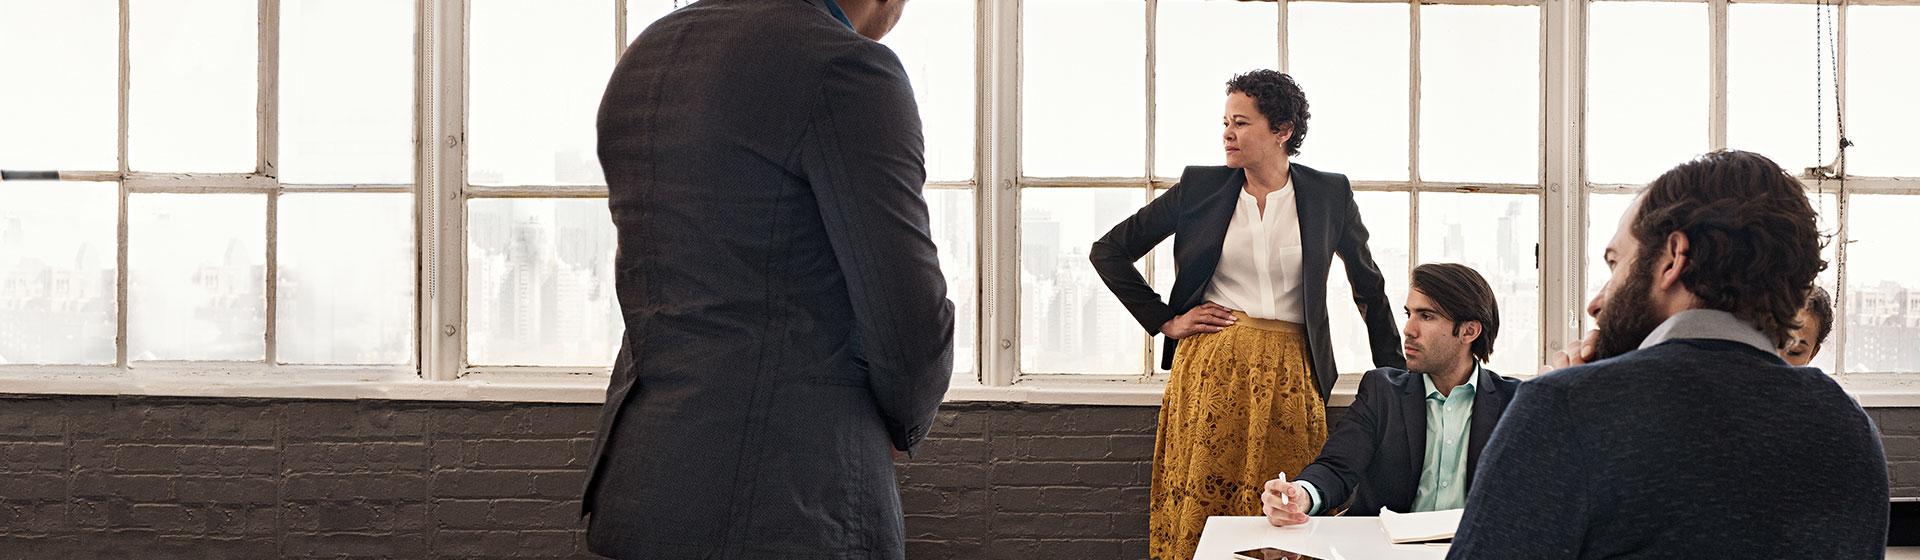 किसी कॉन्फ़्रेंस कक्ष में किसी मेज़ पर साथ में बैठा और खड़ा हुआ सहकर्मियों का समूह